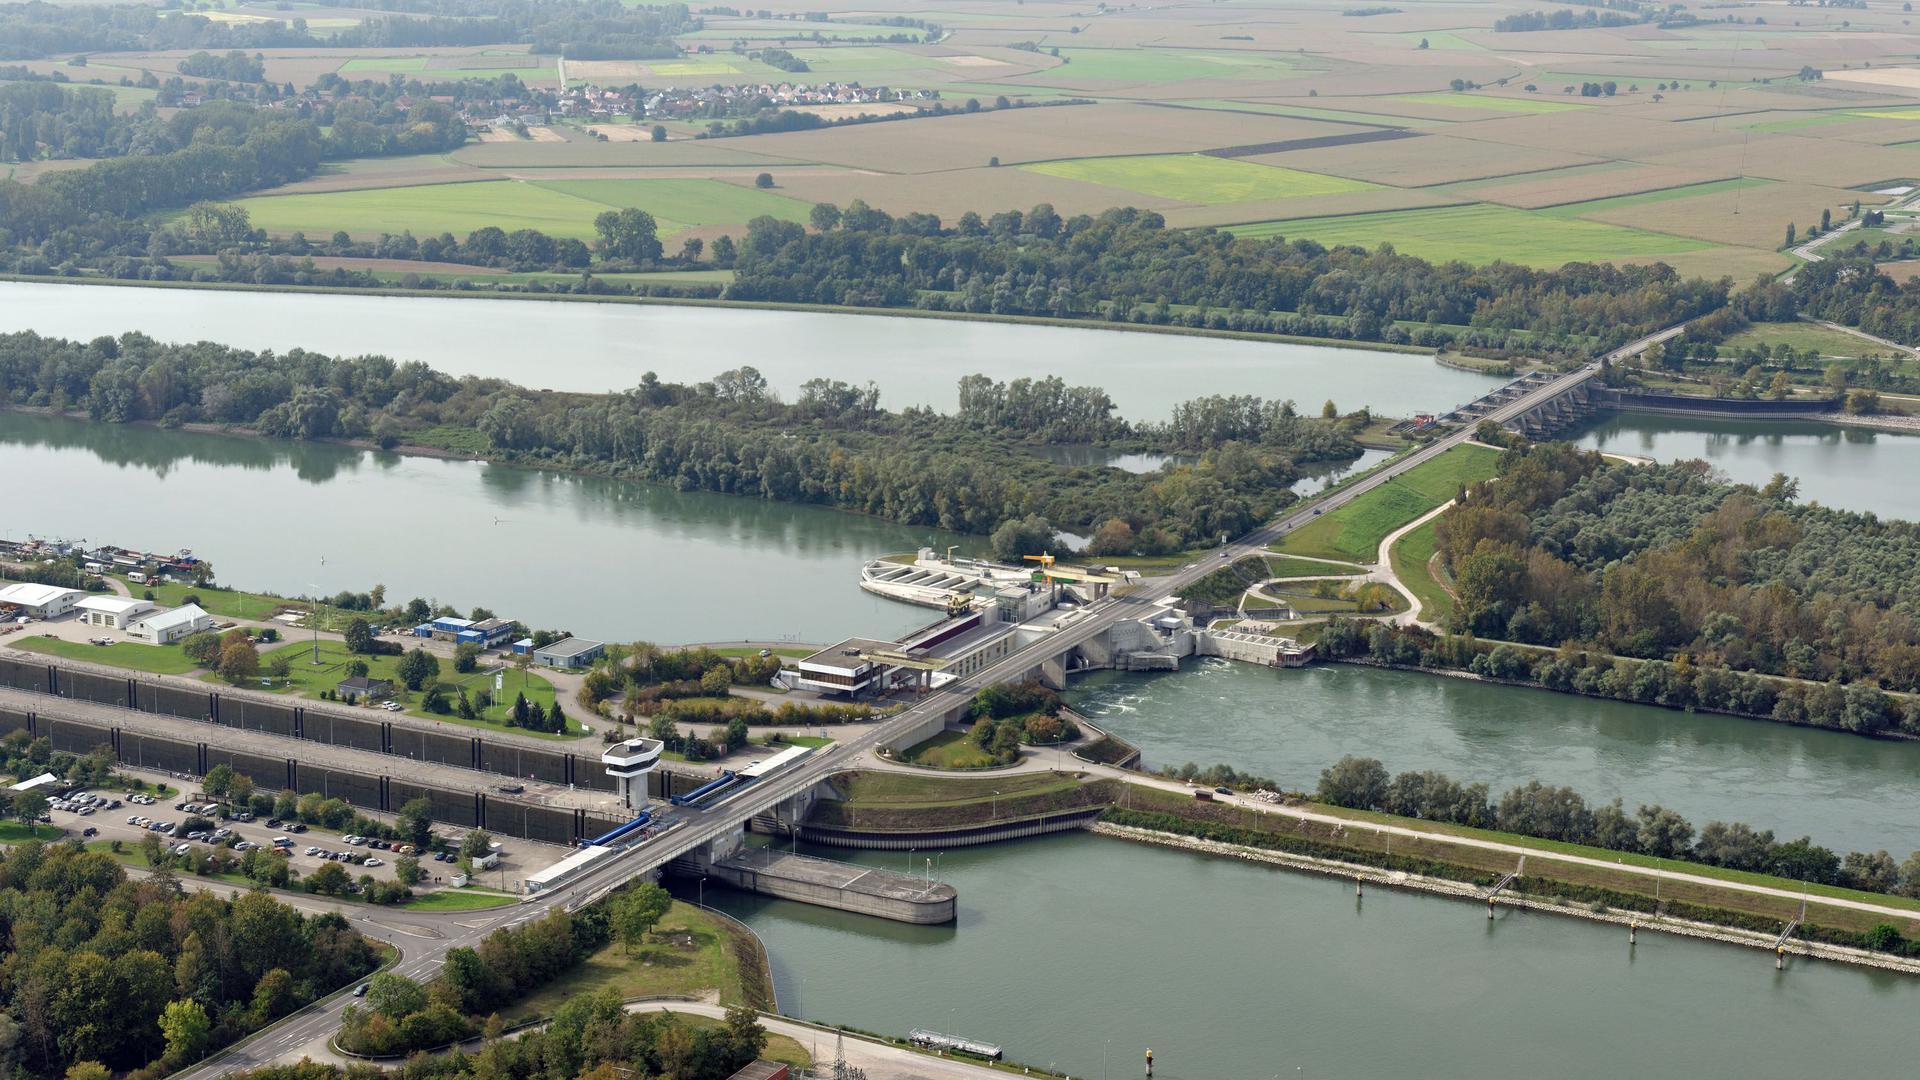 Der Rhein treibt die Turbinen an: In Iffezheim staut die EnBW Wasser auf und erzeugt so Strom für die Region.